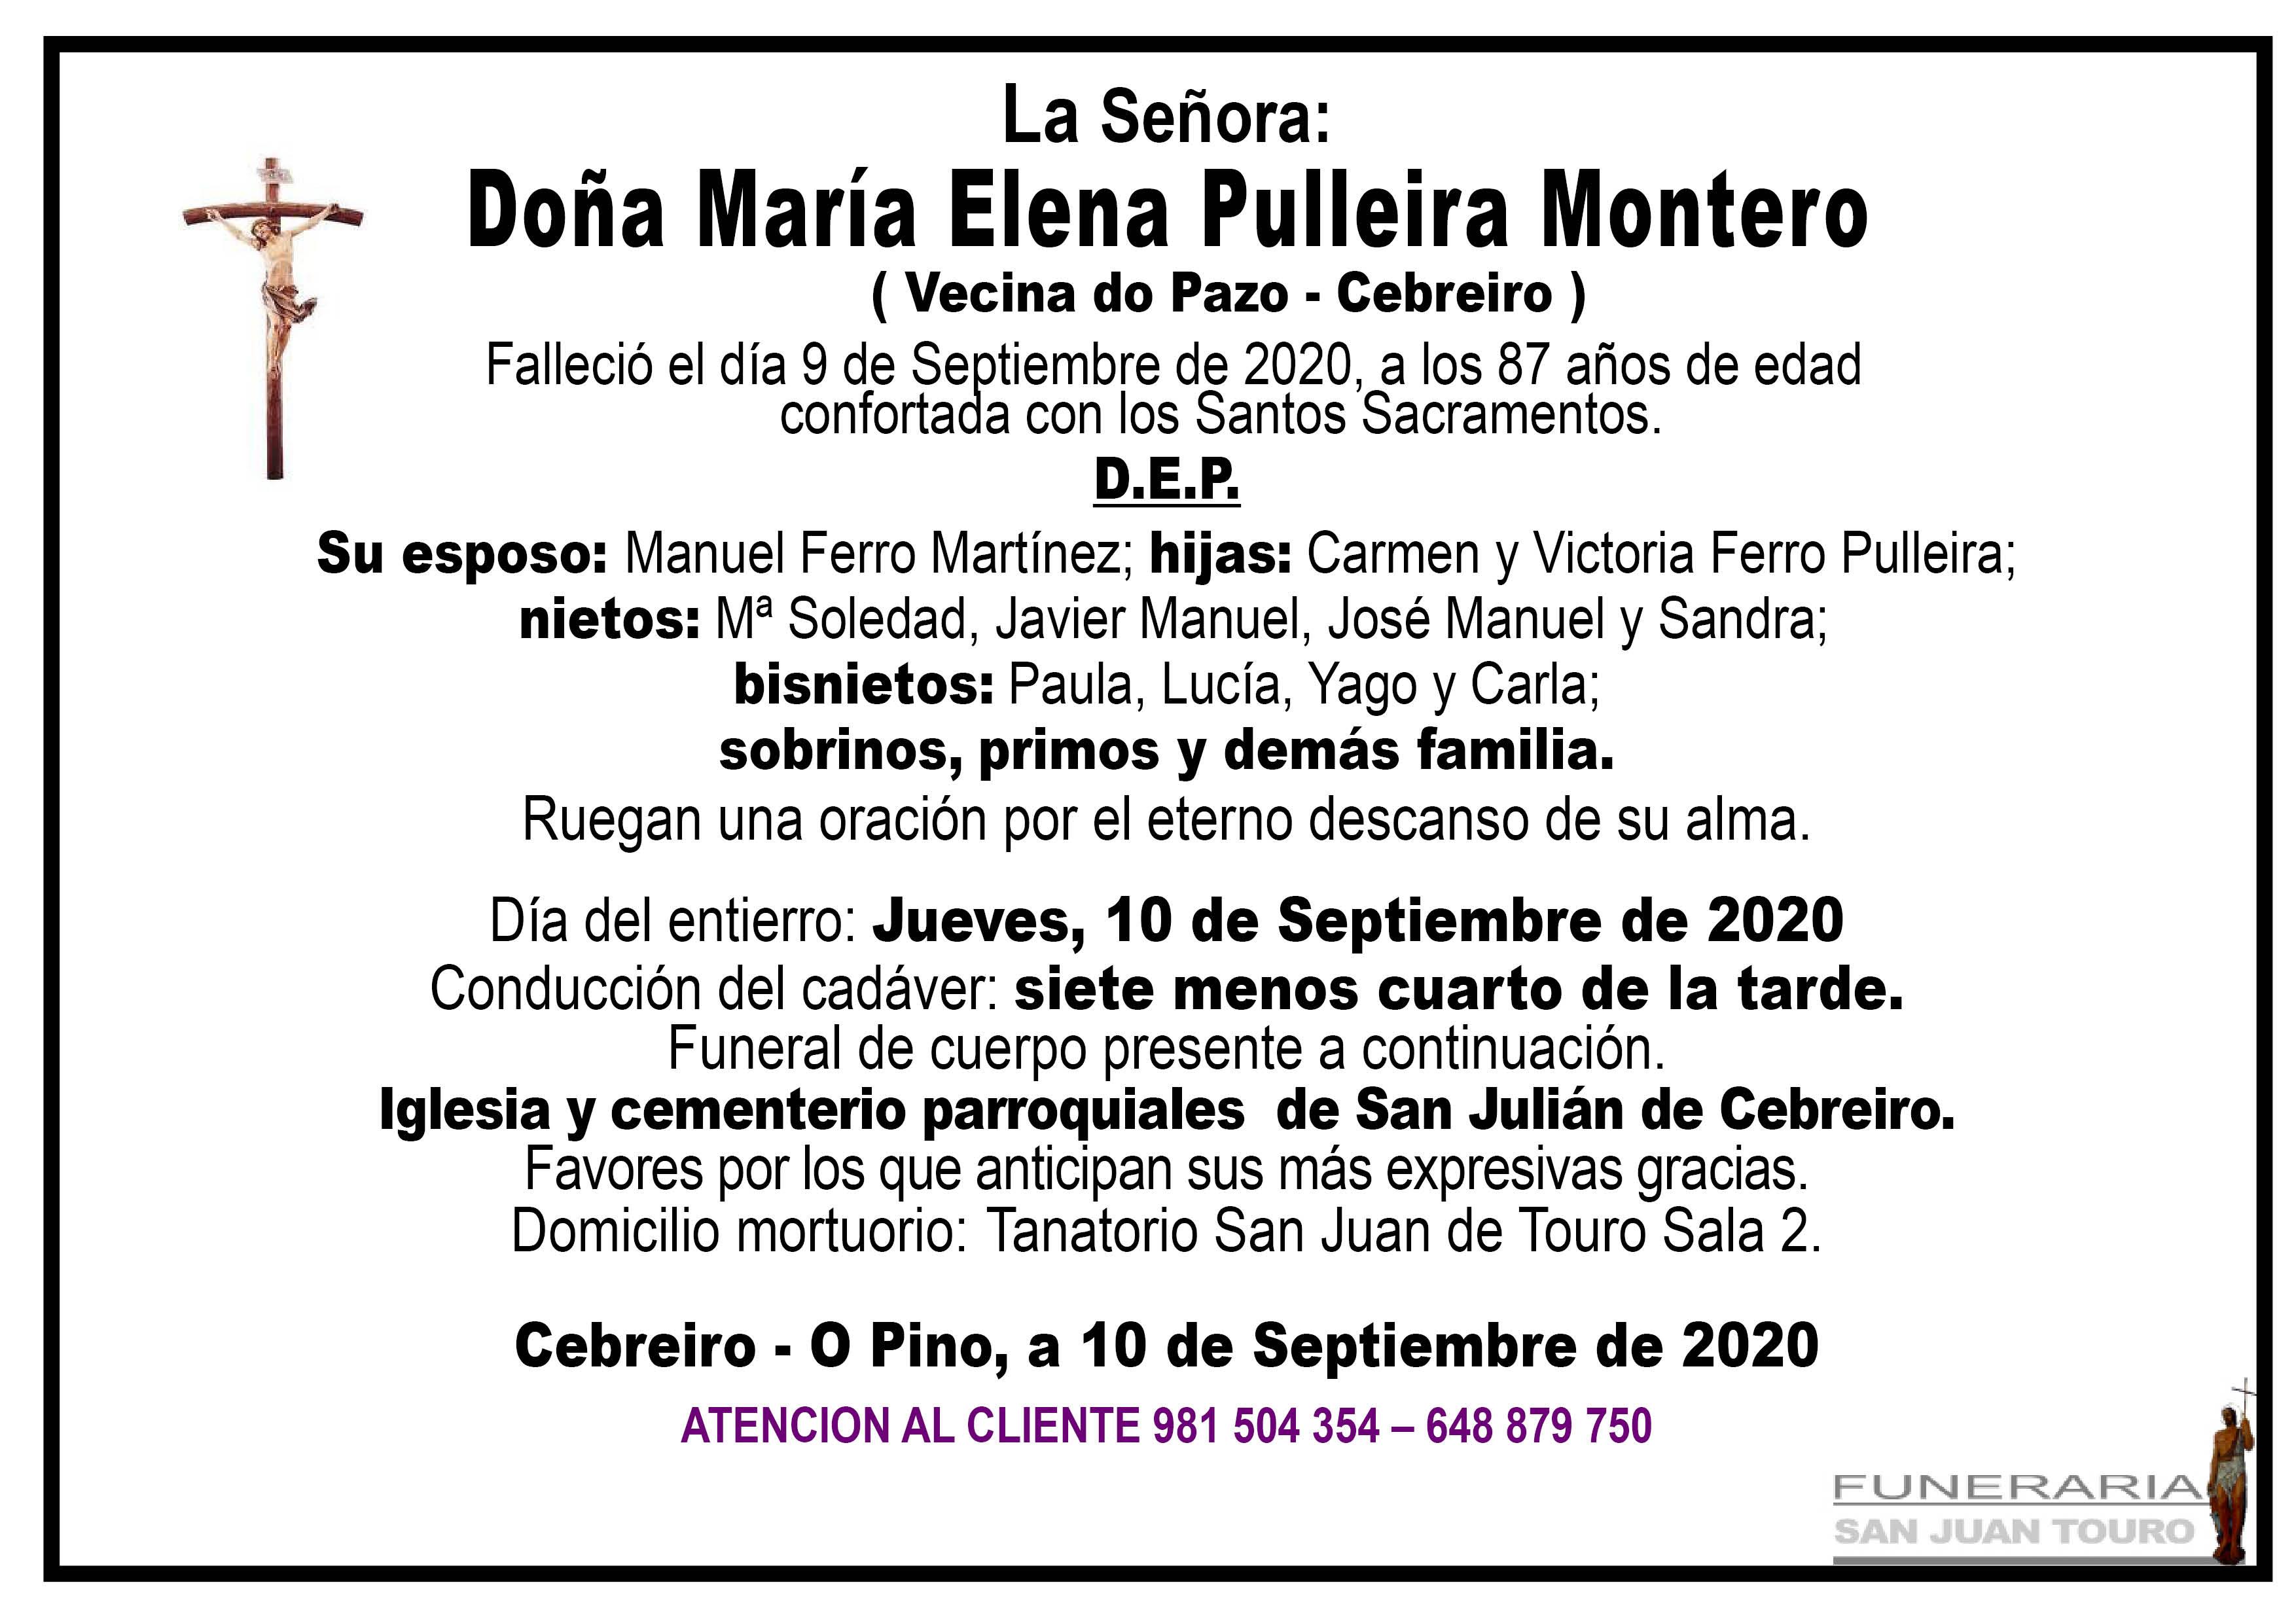 Esquela de SEPELIO DE DOÑA Mª ELENA PULLEIRA MONTERO